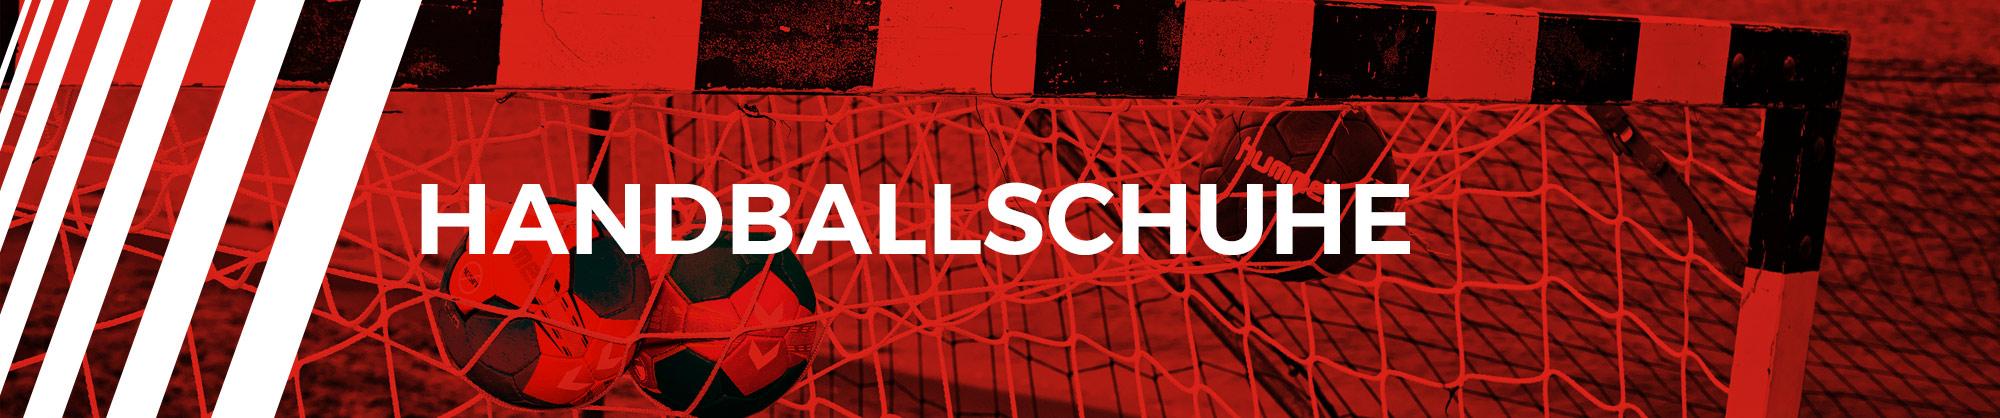 super popular c7eaa 6fa50 Handballschuhe | Herren, Damen & Kinder | online kaufen ...